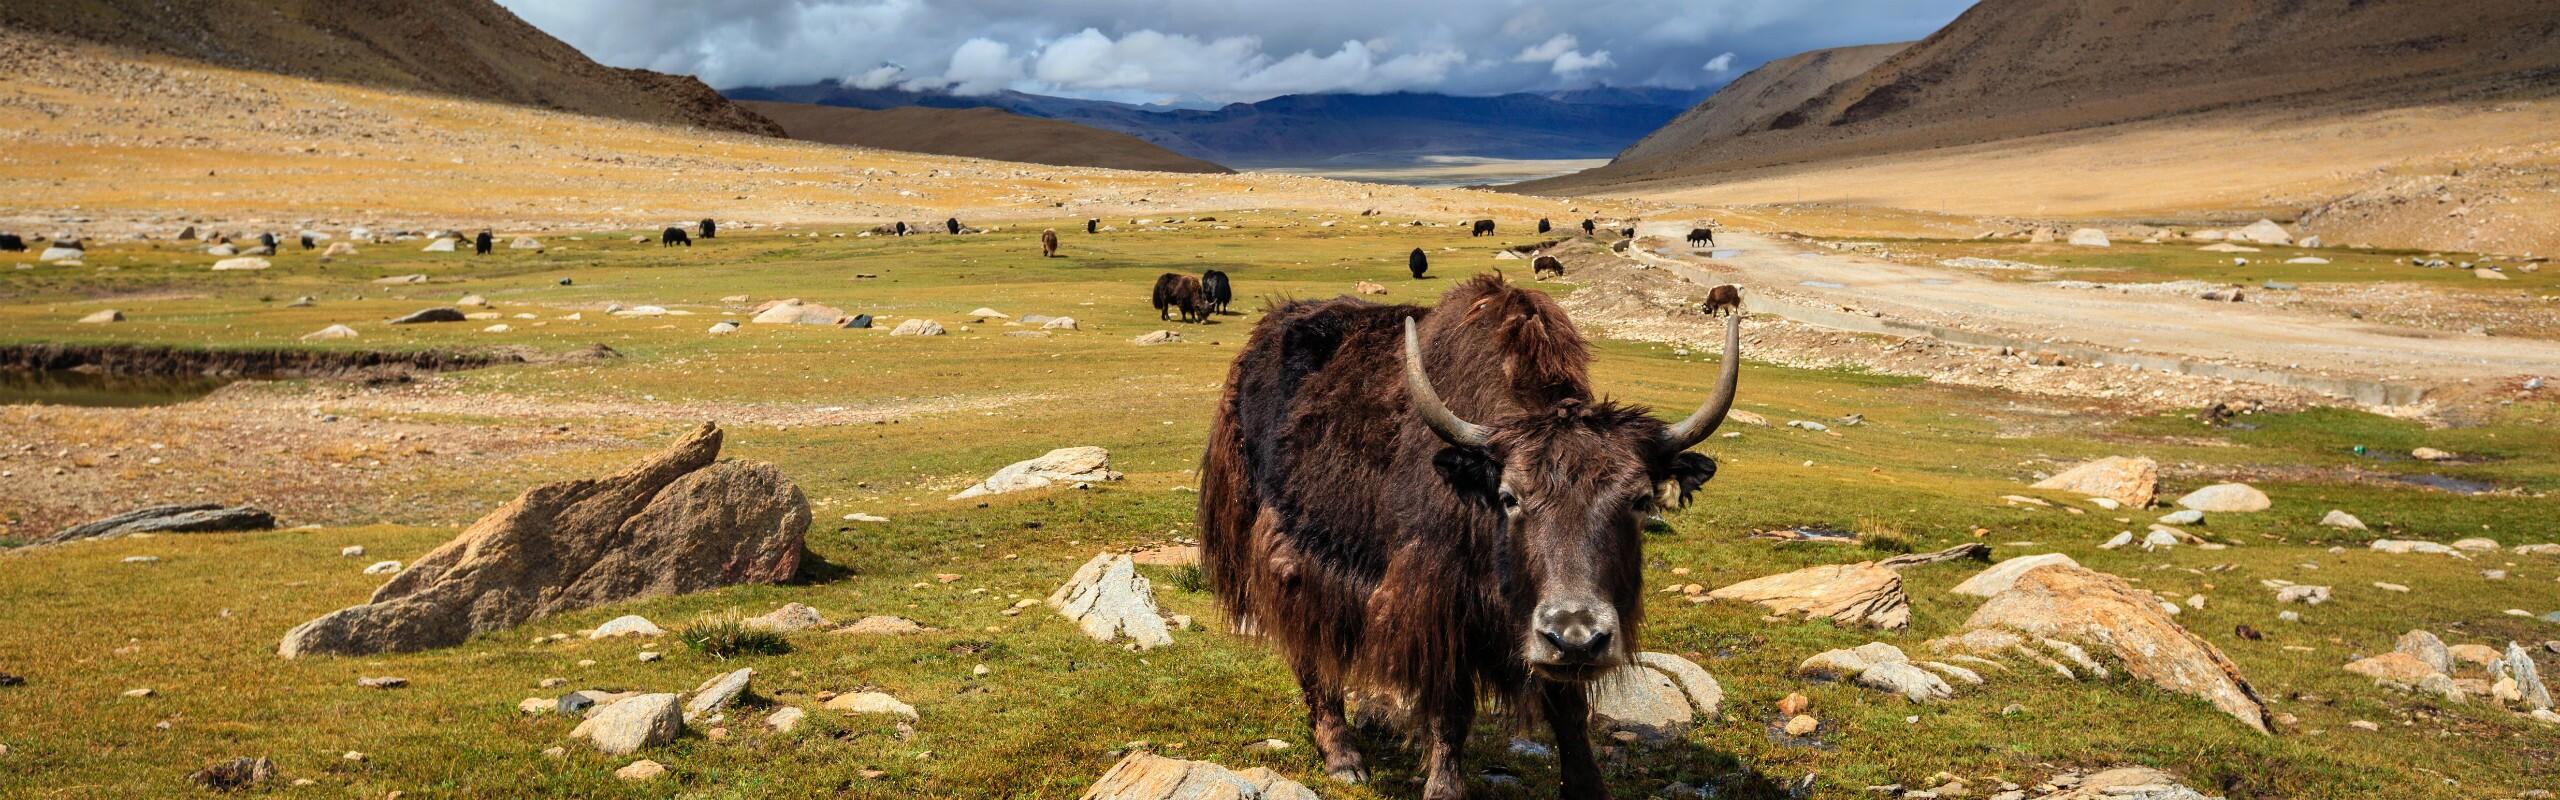 A Complete Guide to Pangong Tso Lake, Ladakh